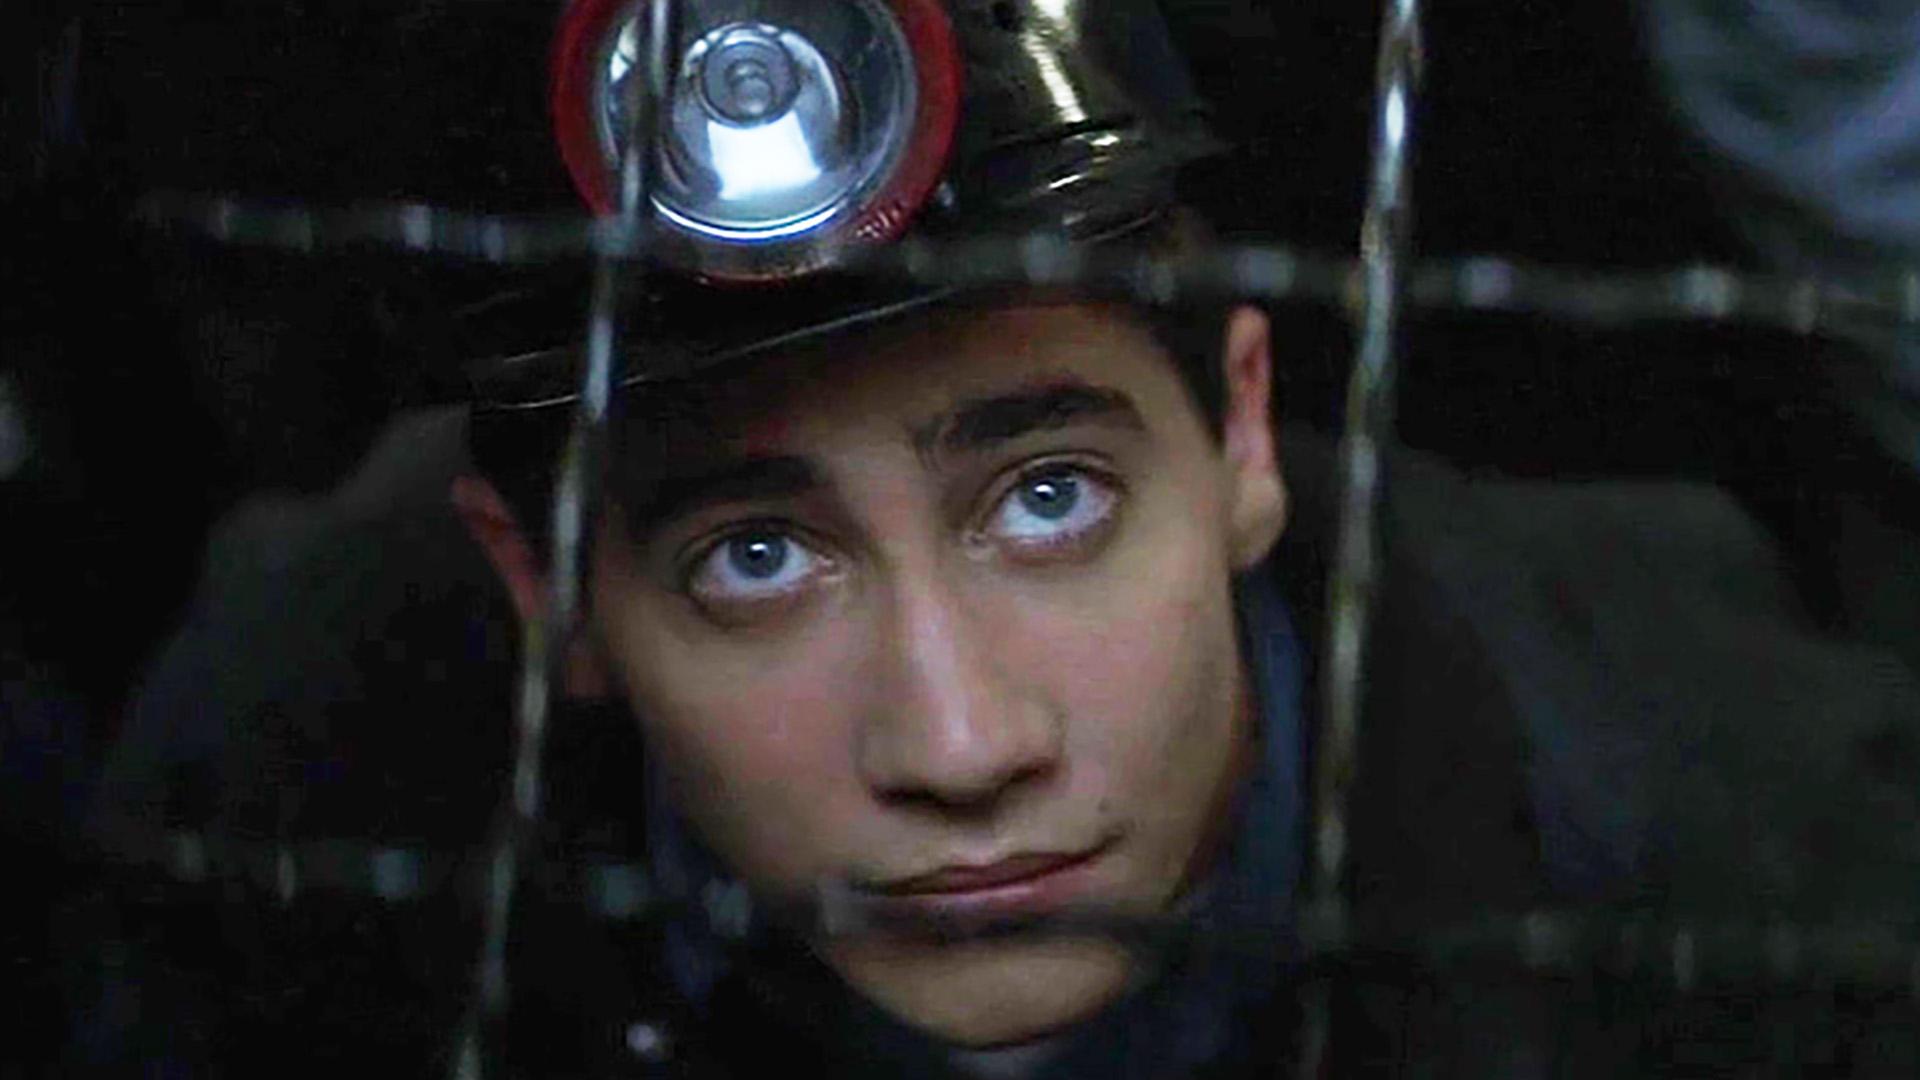 真人真事改编电影,被人嘲笑的挖煤男孩,竟成为世界级科学家!